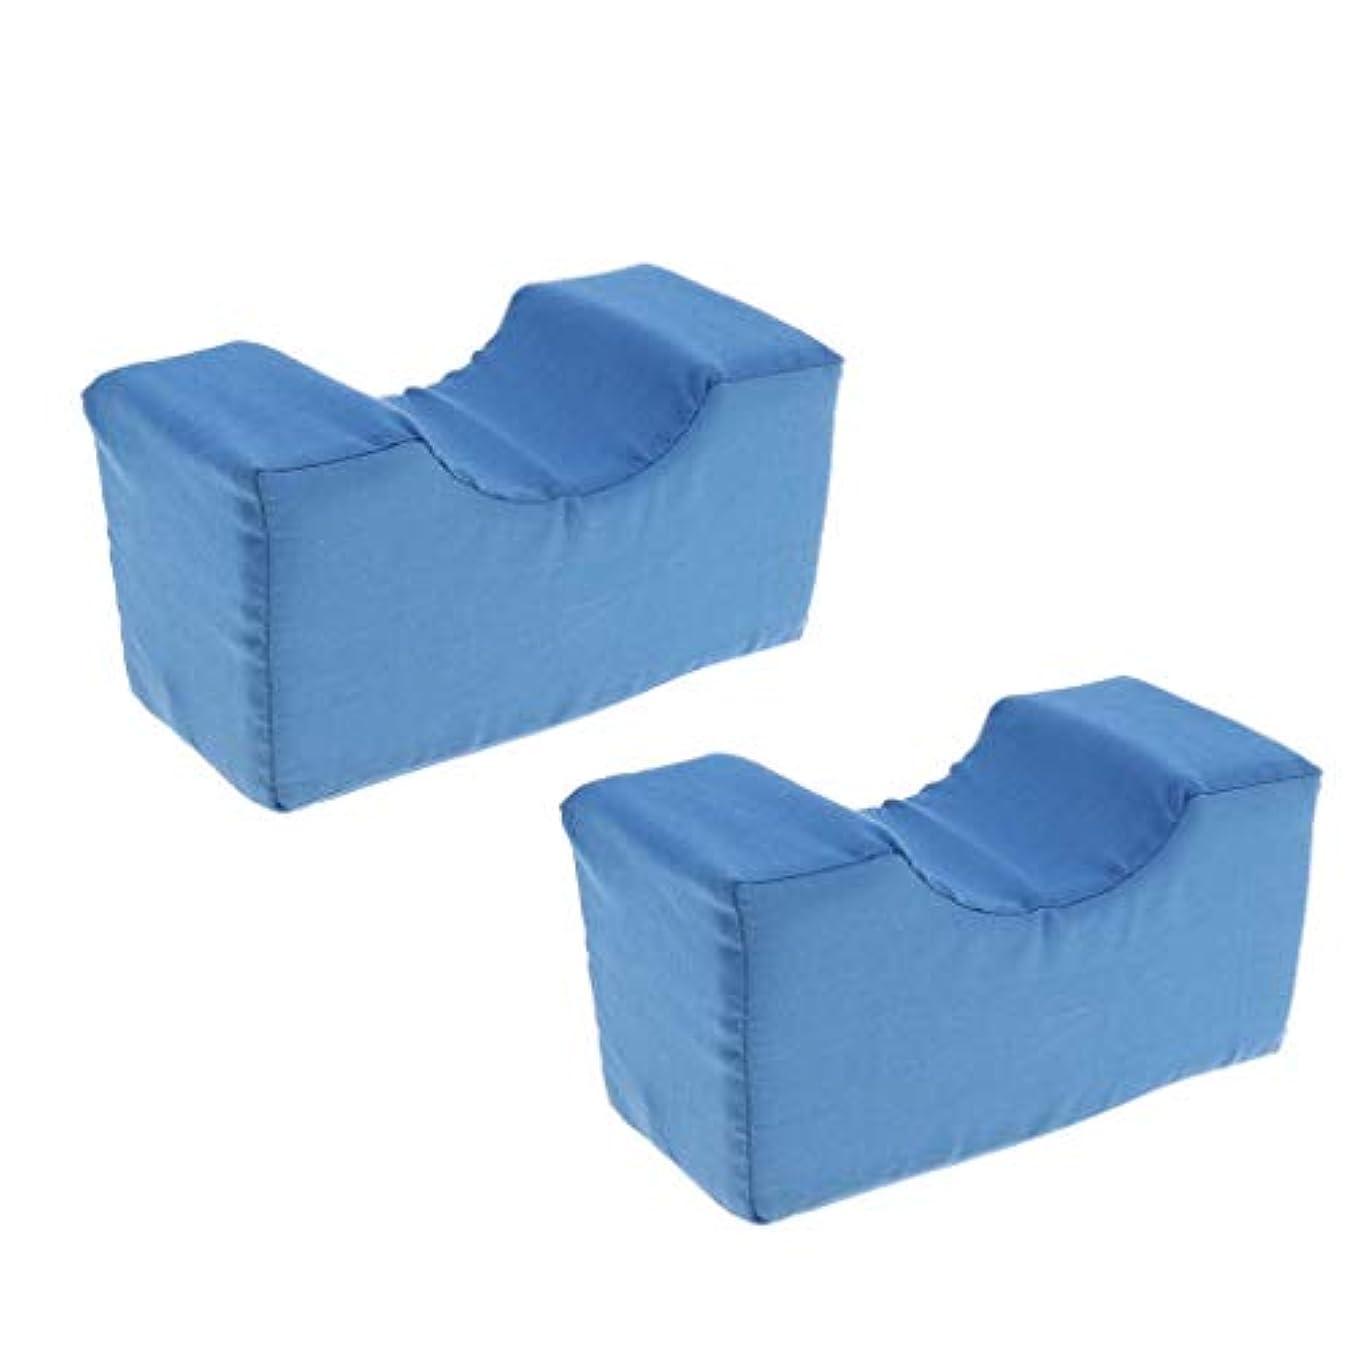 キュービック雨のニコチンサイドスリーパー用2個の高密度フォームニーエレベーター枕-床ずれ防止、妊娠、ヒップ&坐骨神経痛用の整形膝枕